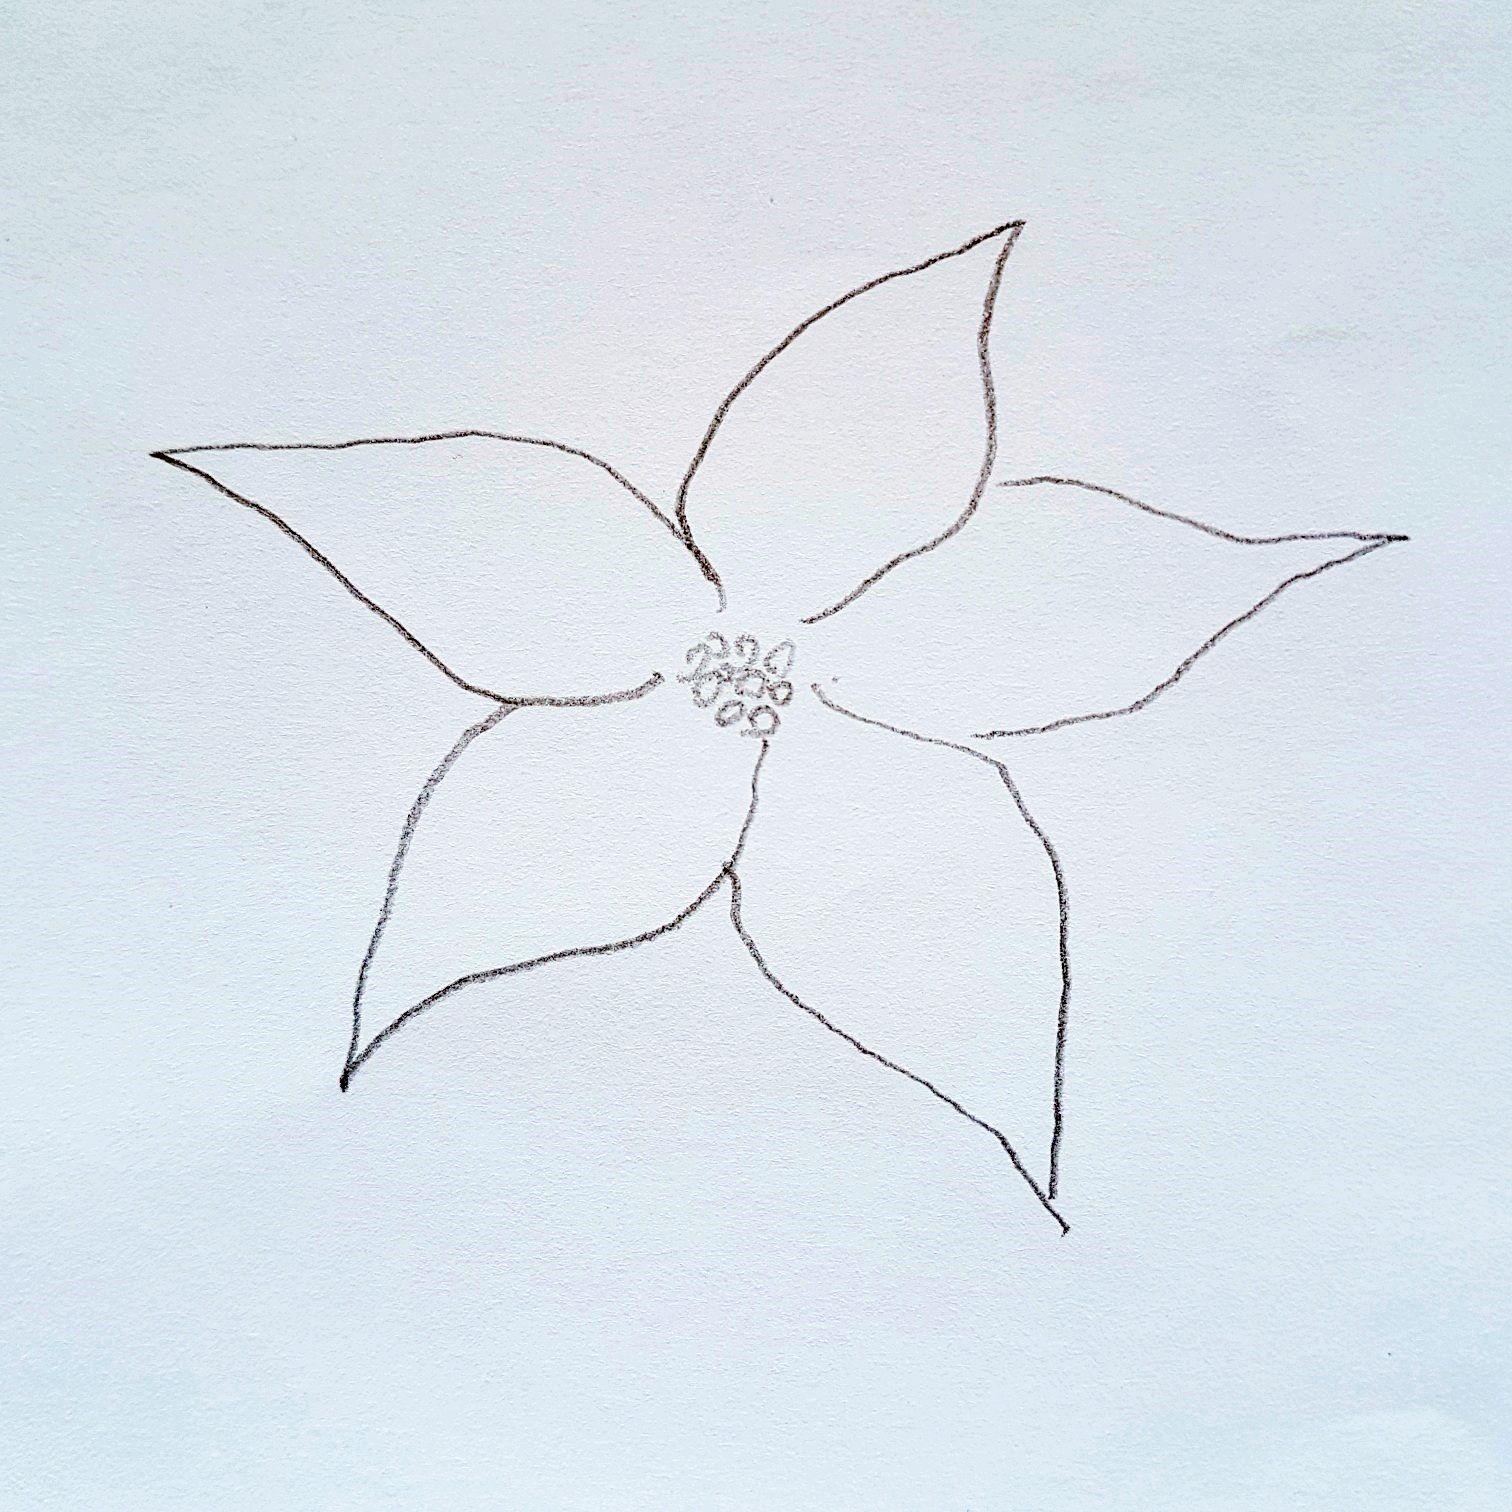 Anleitung zum zeichnen eines Weihnachtsstern